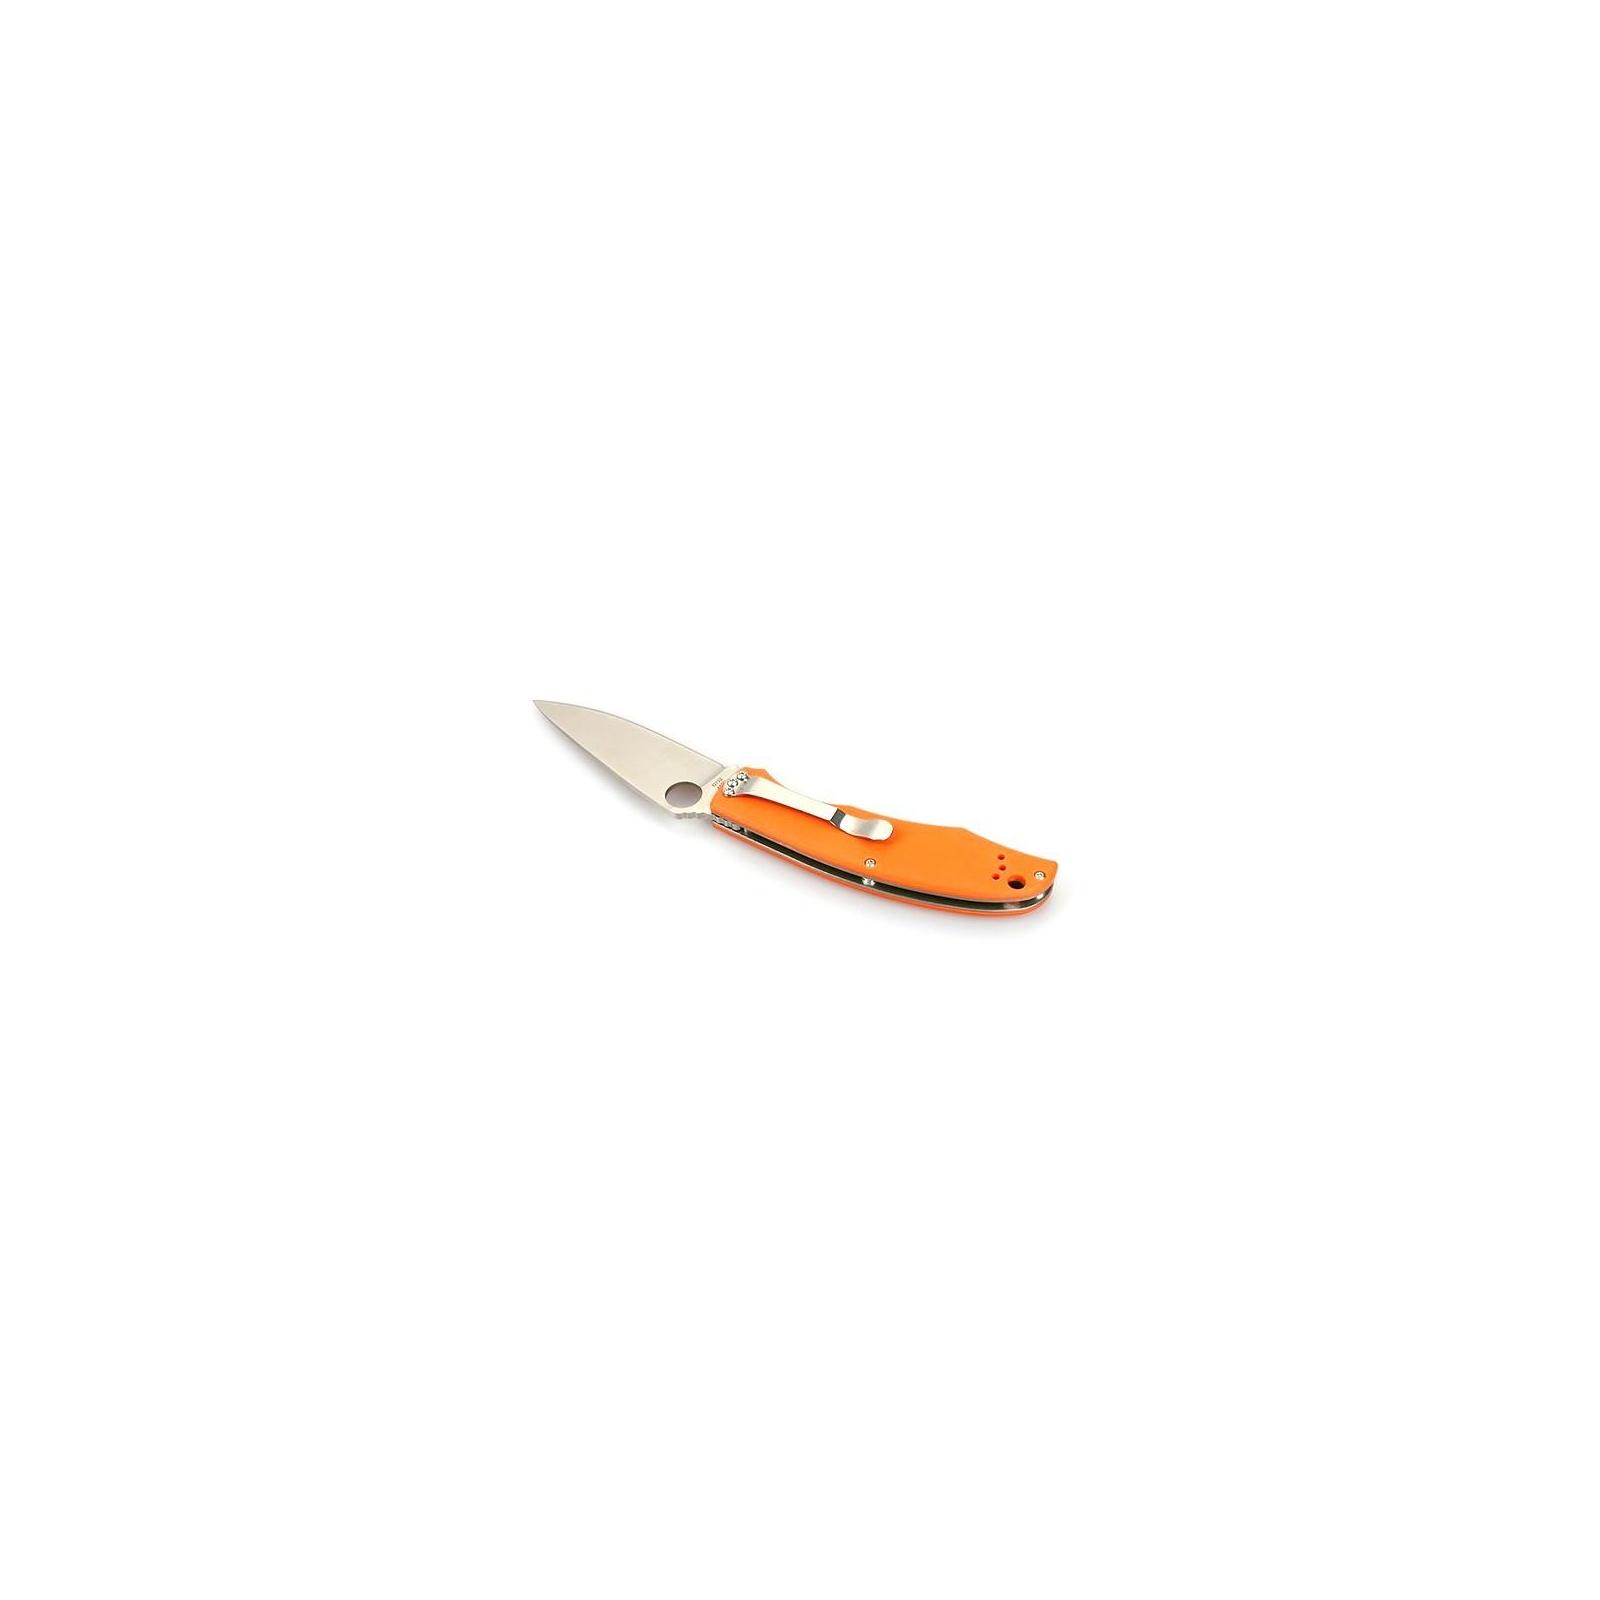 Нож Ganzo G732-OR оранжевый (G732-OR) изображение 4